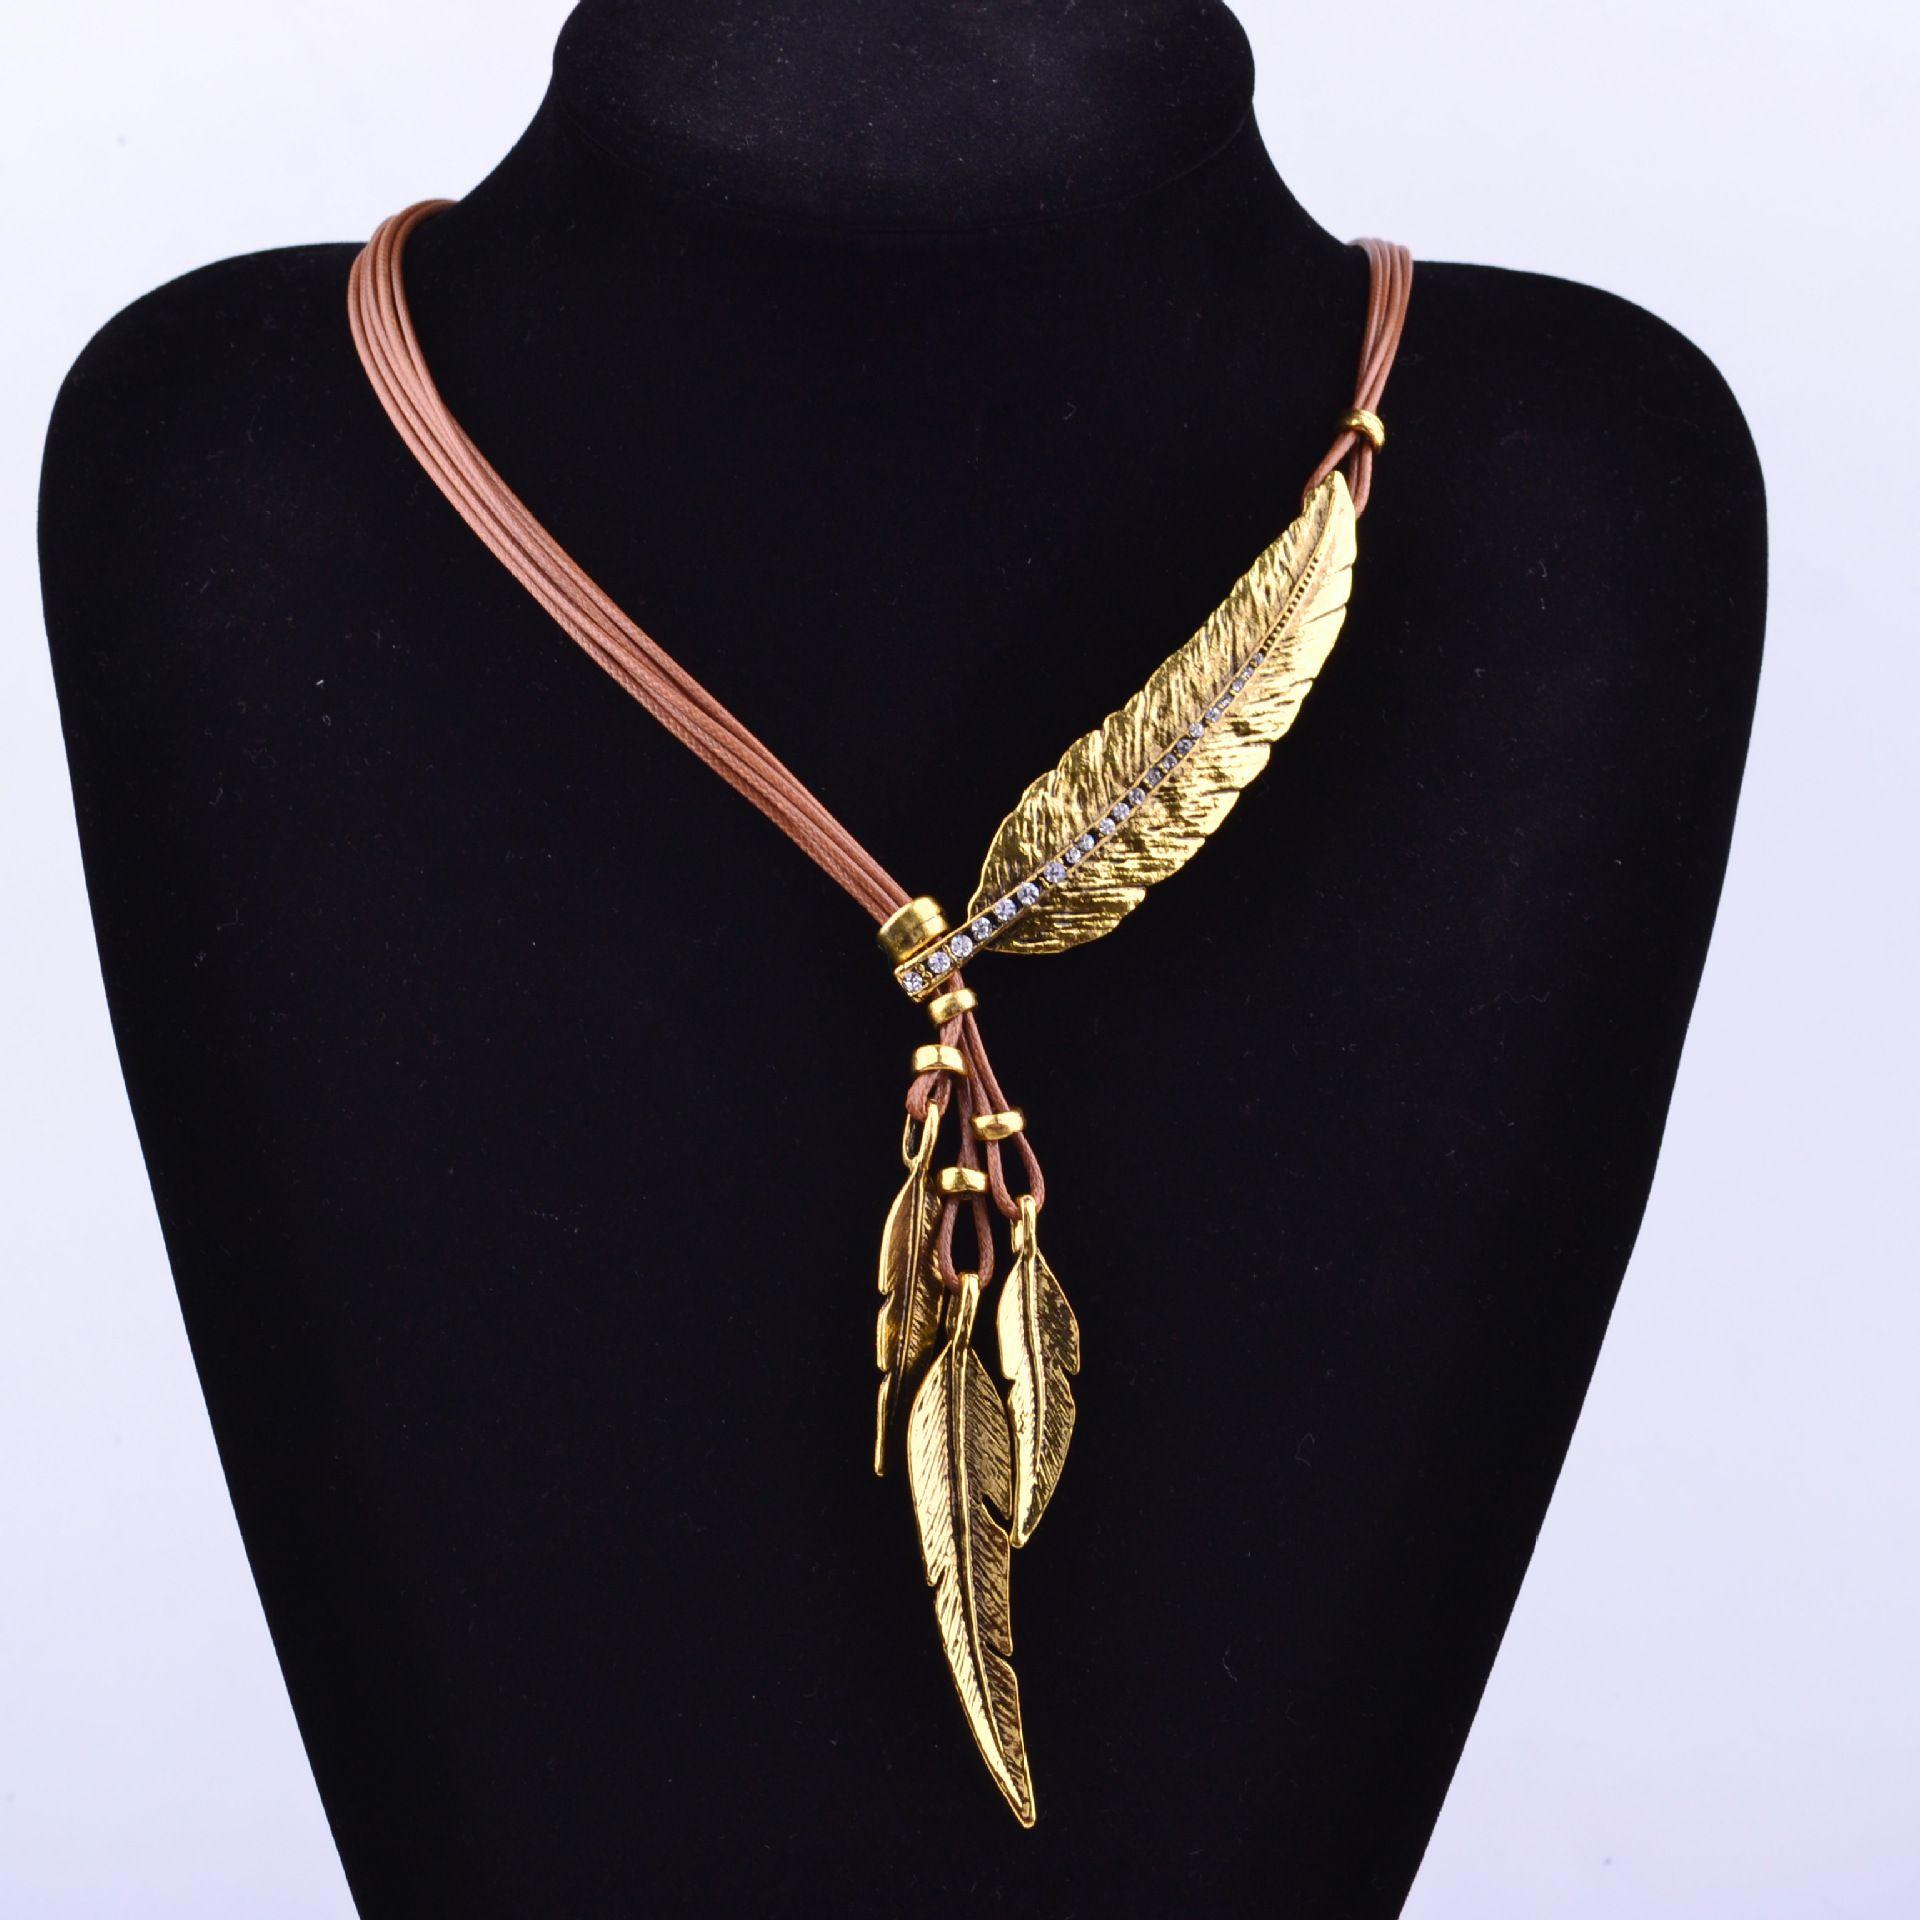 2016 mode Böhmischen Stil Feder Muster Schwarz Seil Kette Anhänger Halskette Frau Halskette Fine Jewelry Hals Aussage